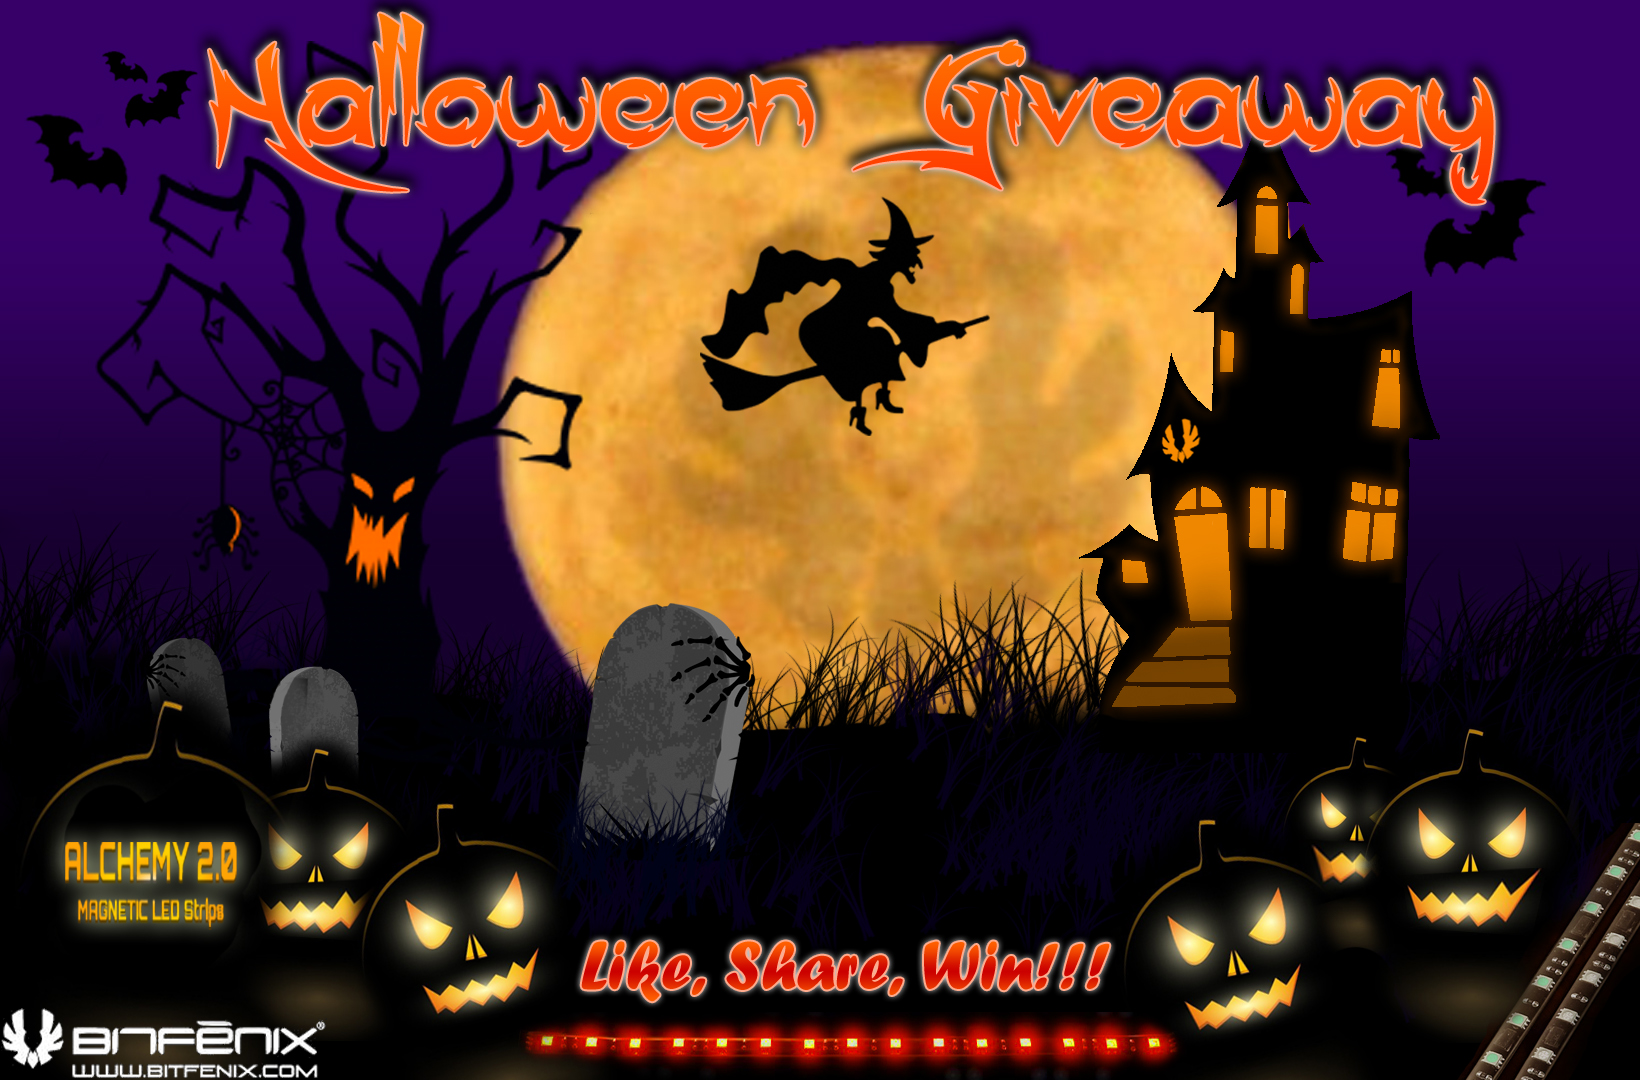 BitFenix Halloween Gewinnspiel-halloween-giveaway.jpg